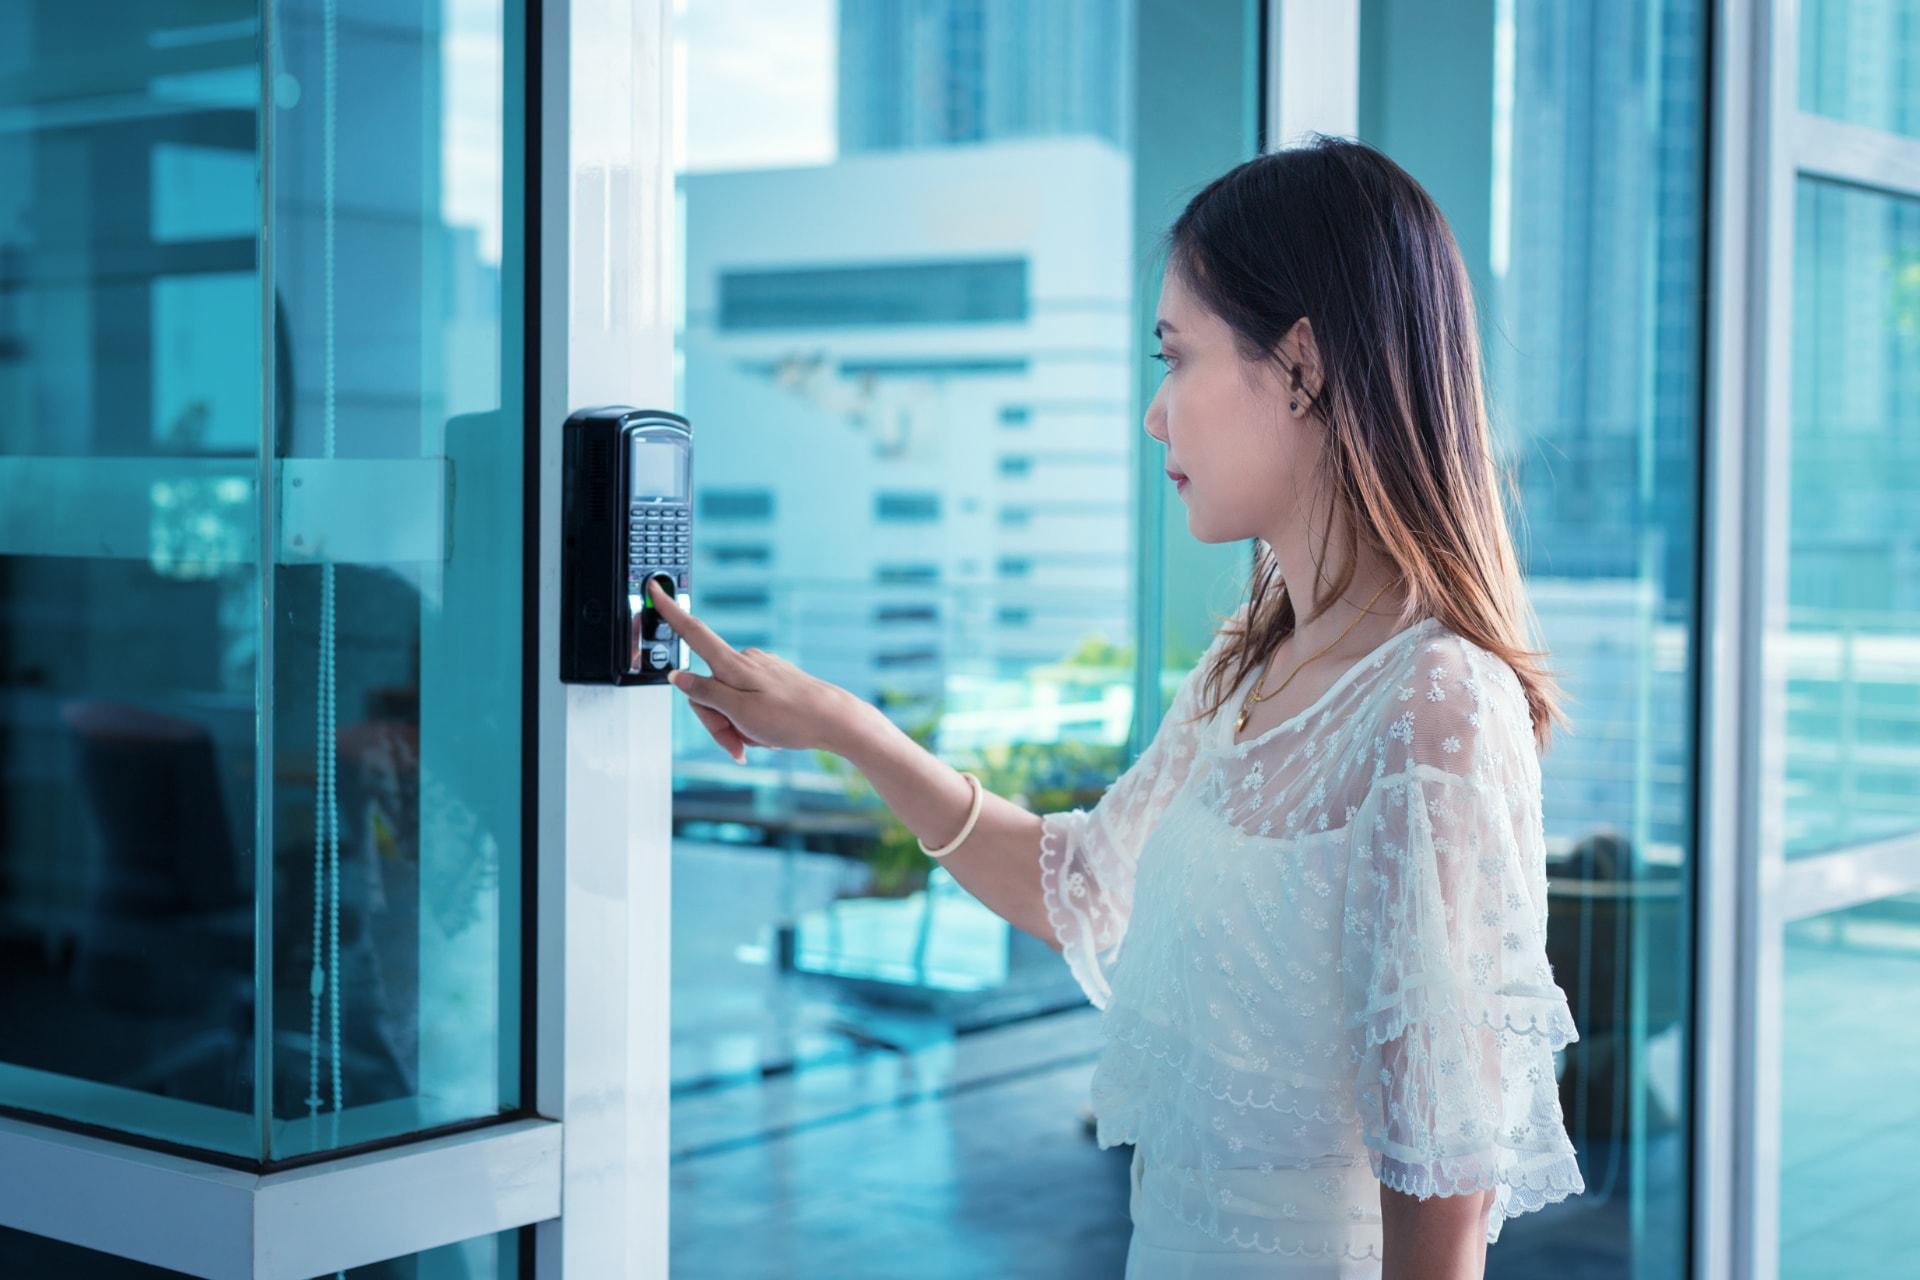 Jonge vrouw scant haar vingerafdruk met toegangscontrole van GW Security Group